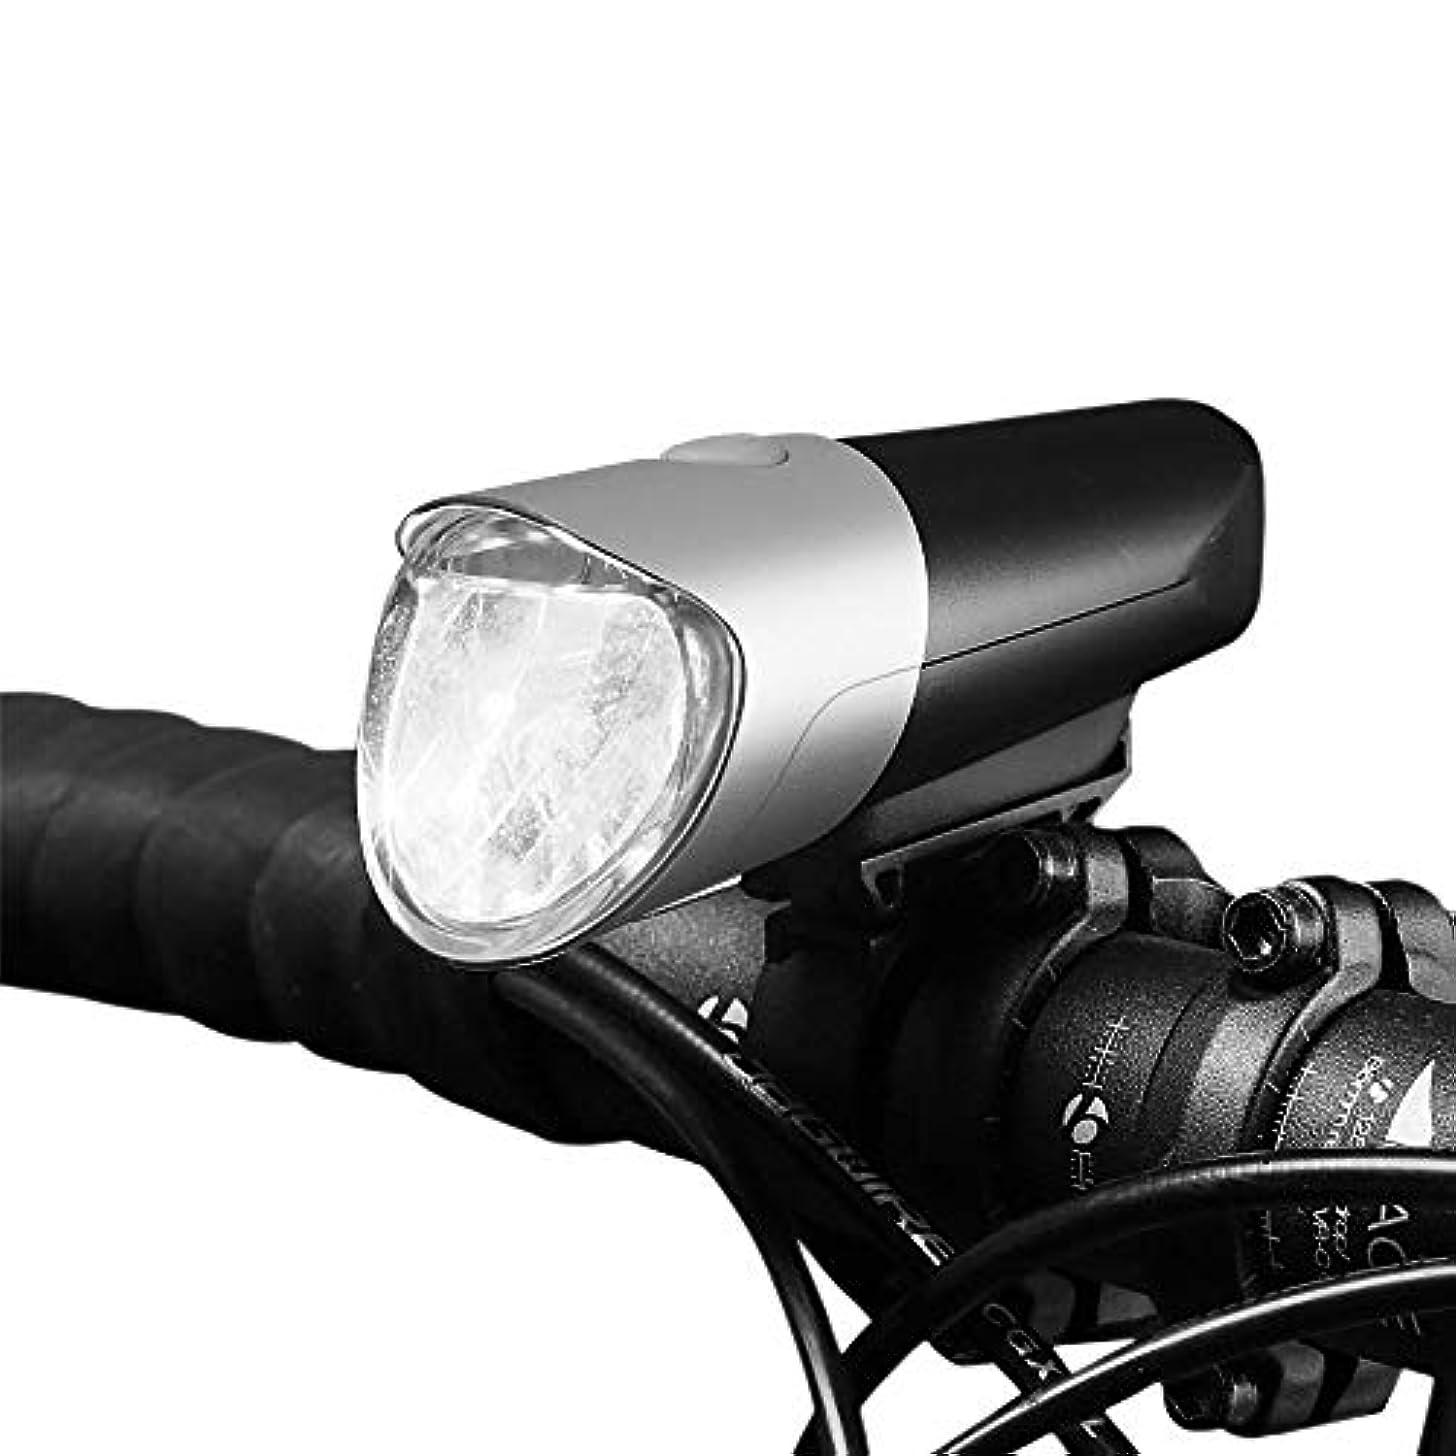 インシュレータるストレッチ充電式自転車ライト バイクライトセット、スーパーブライトUSB充電式自転車ライト、防水マウンテンロードバイクライト充電式、USBサイクリングフロントライト (Color : Silver)